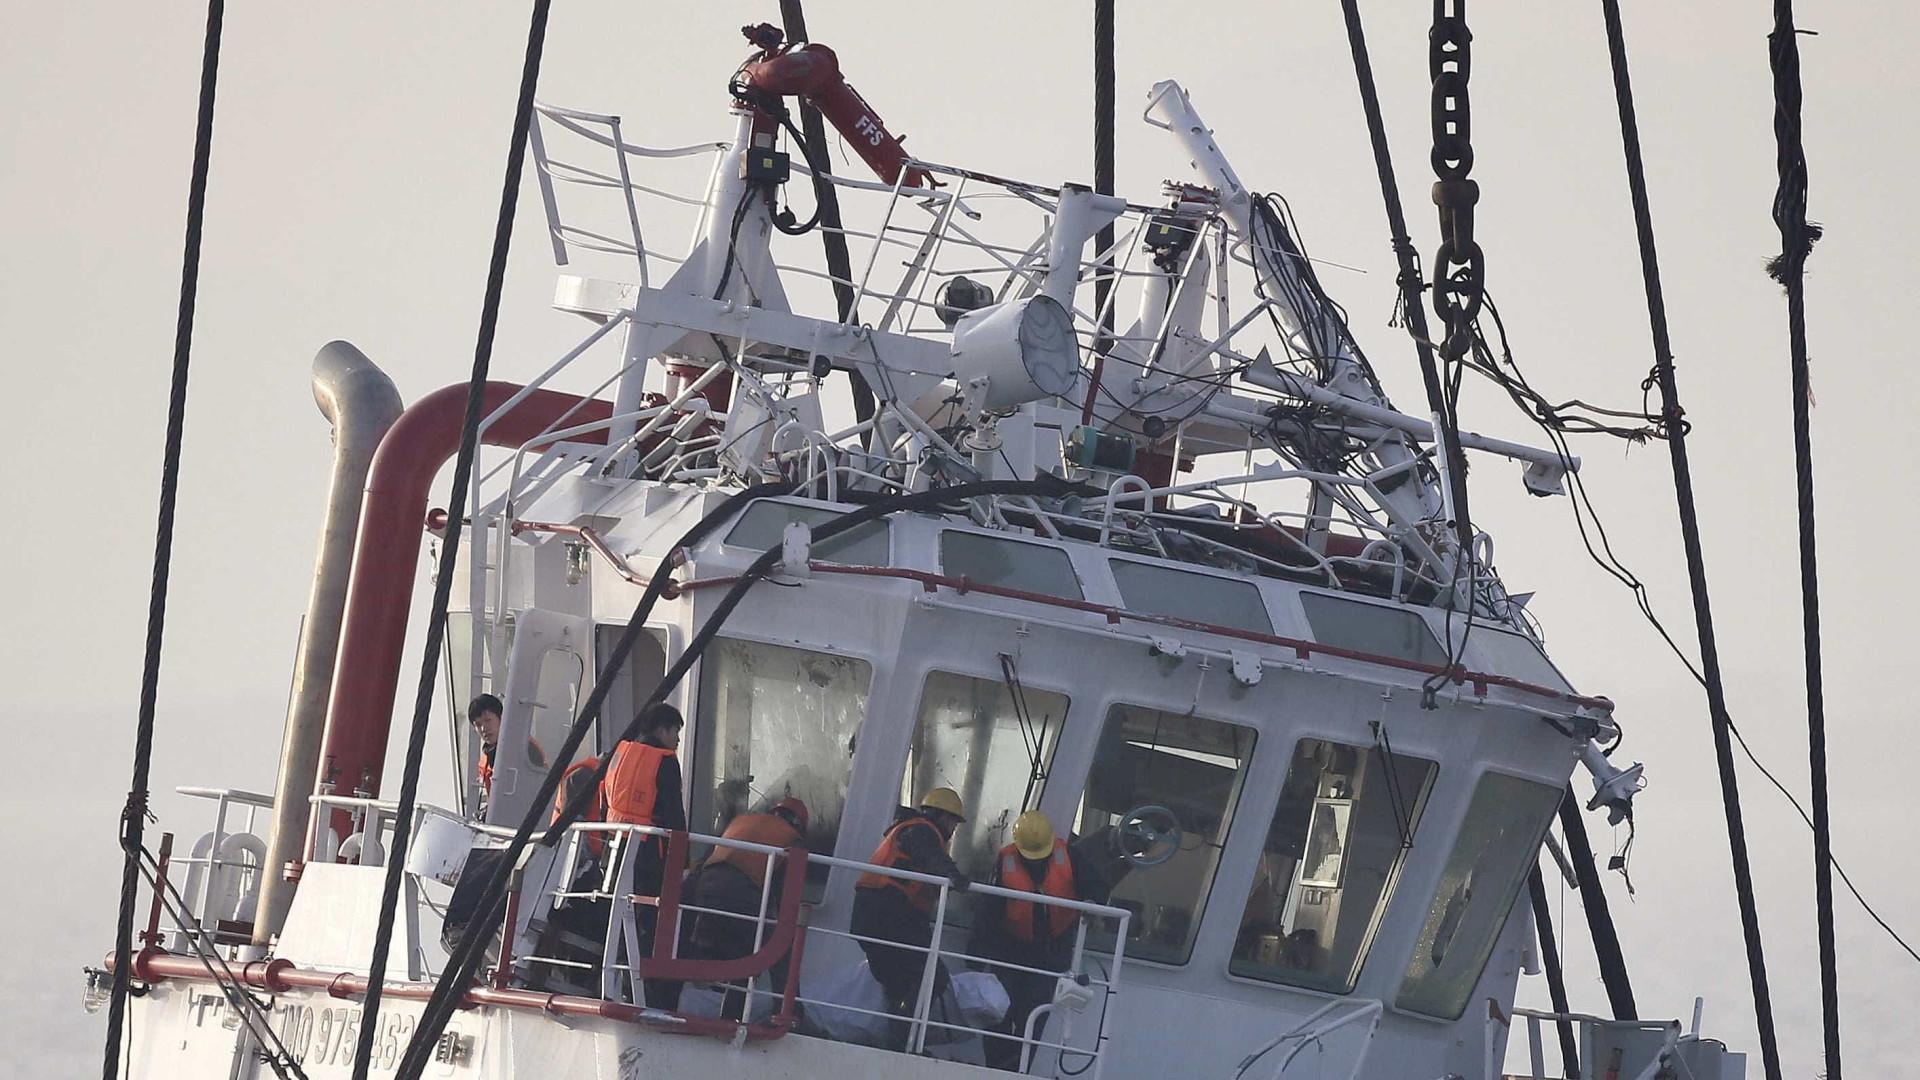 Penas suspensas para pescadores apanhados a transportar cocaína